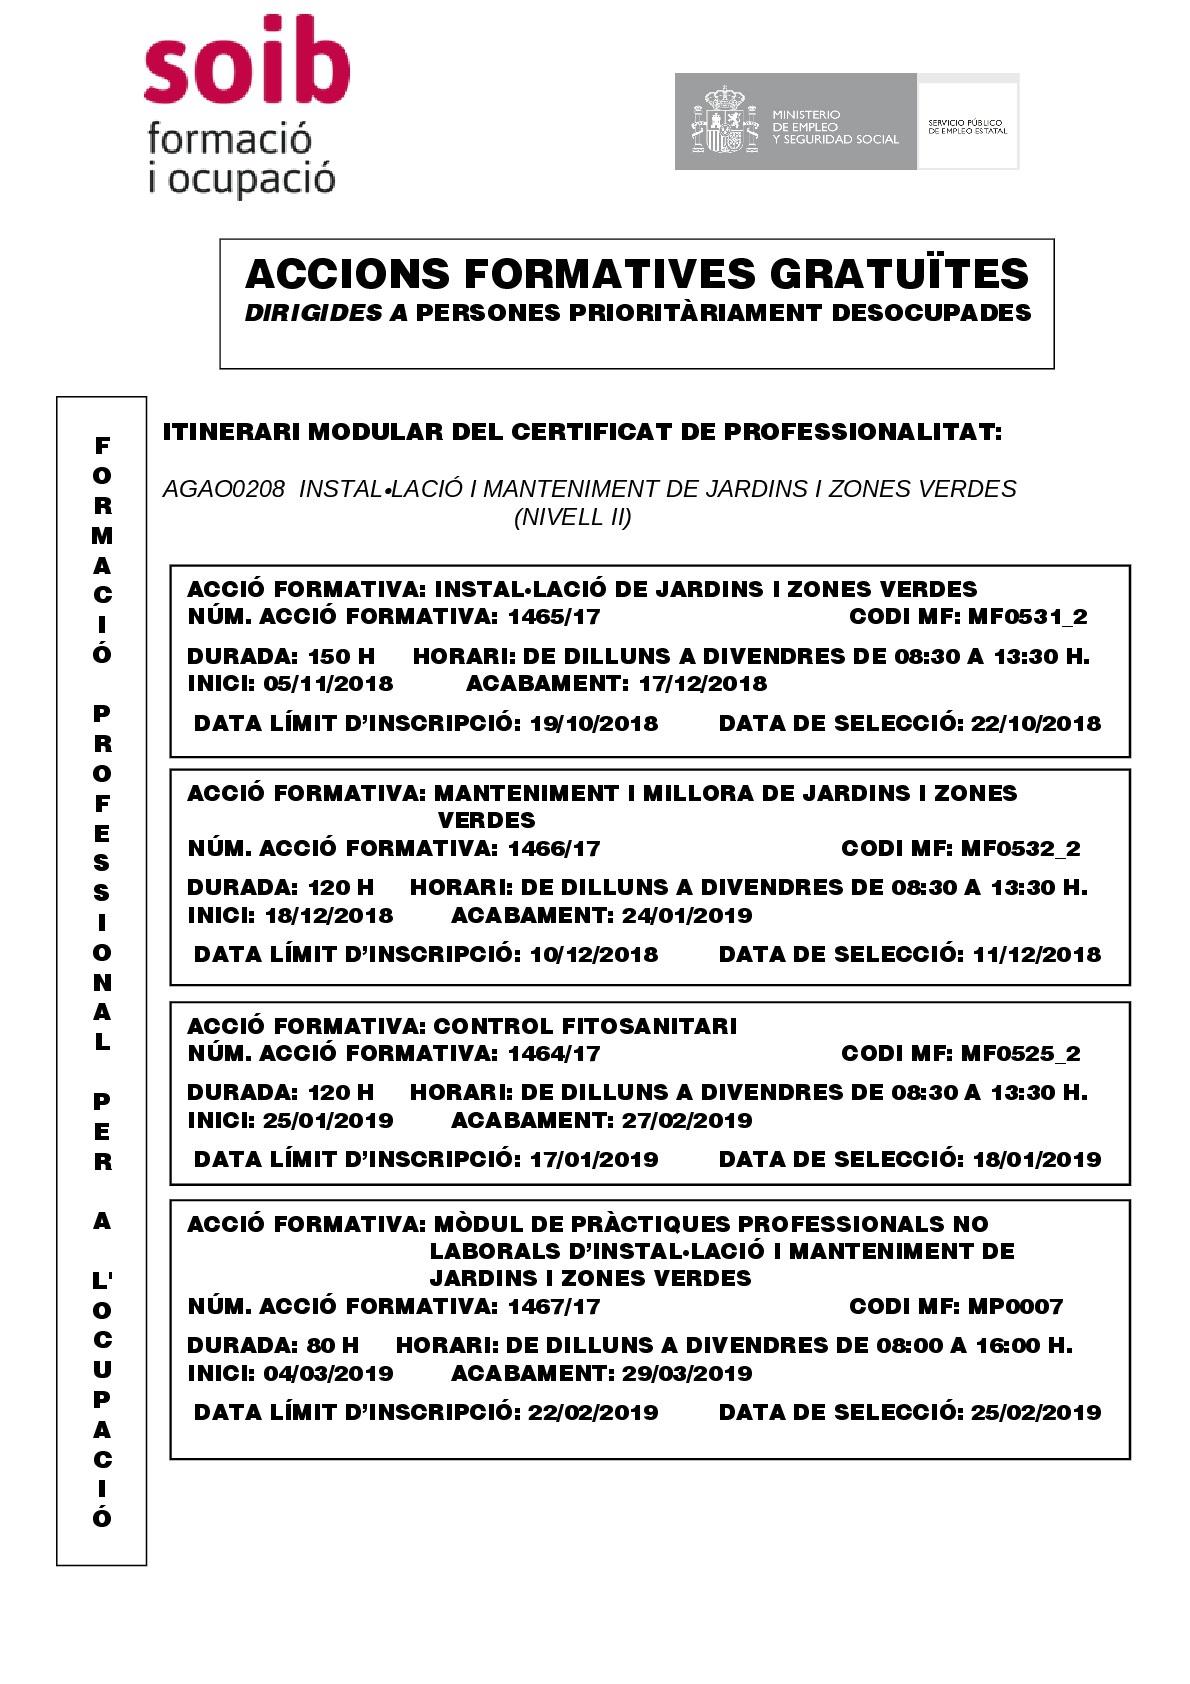 INSTAL•LACIÓ I MANTENIMENT DE JARDINS I ZONES VERDES  (NIVELL II)-AGAO0208